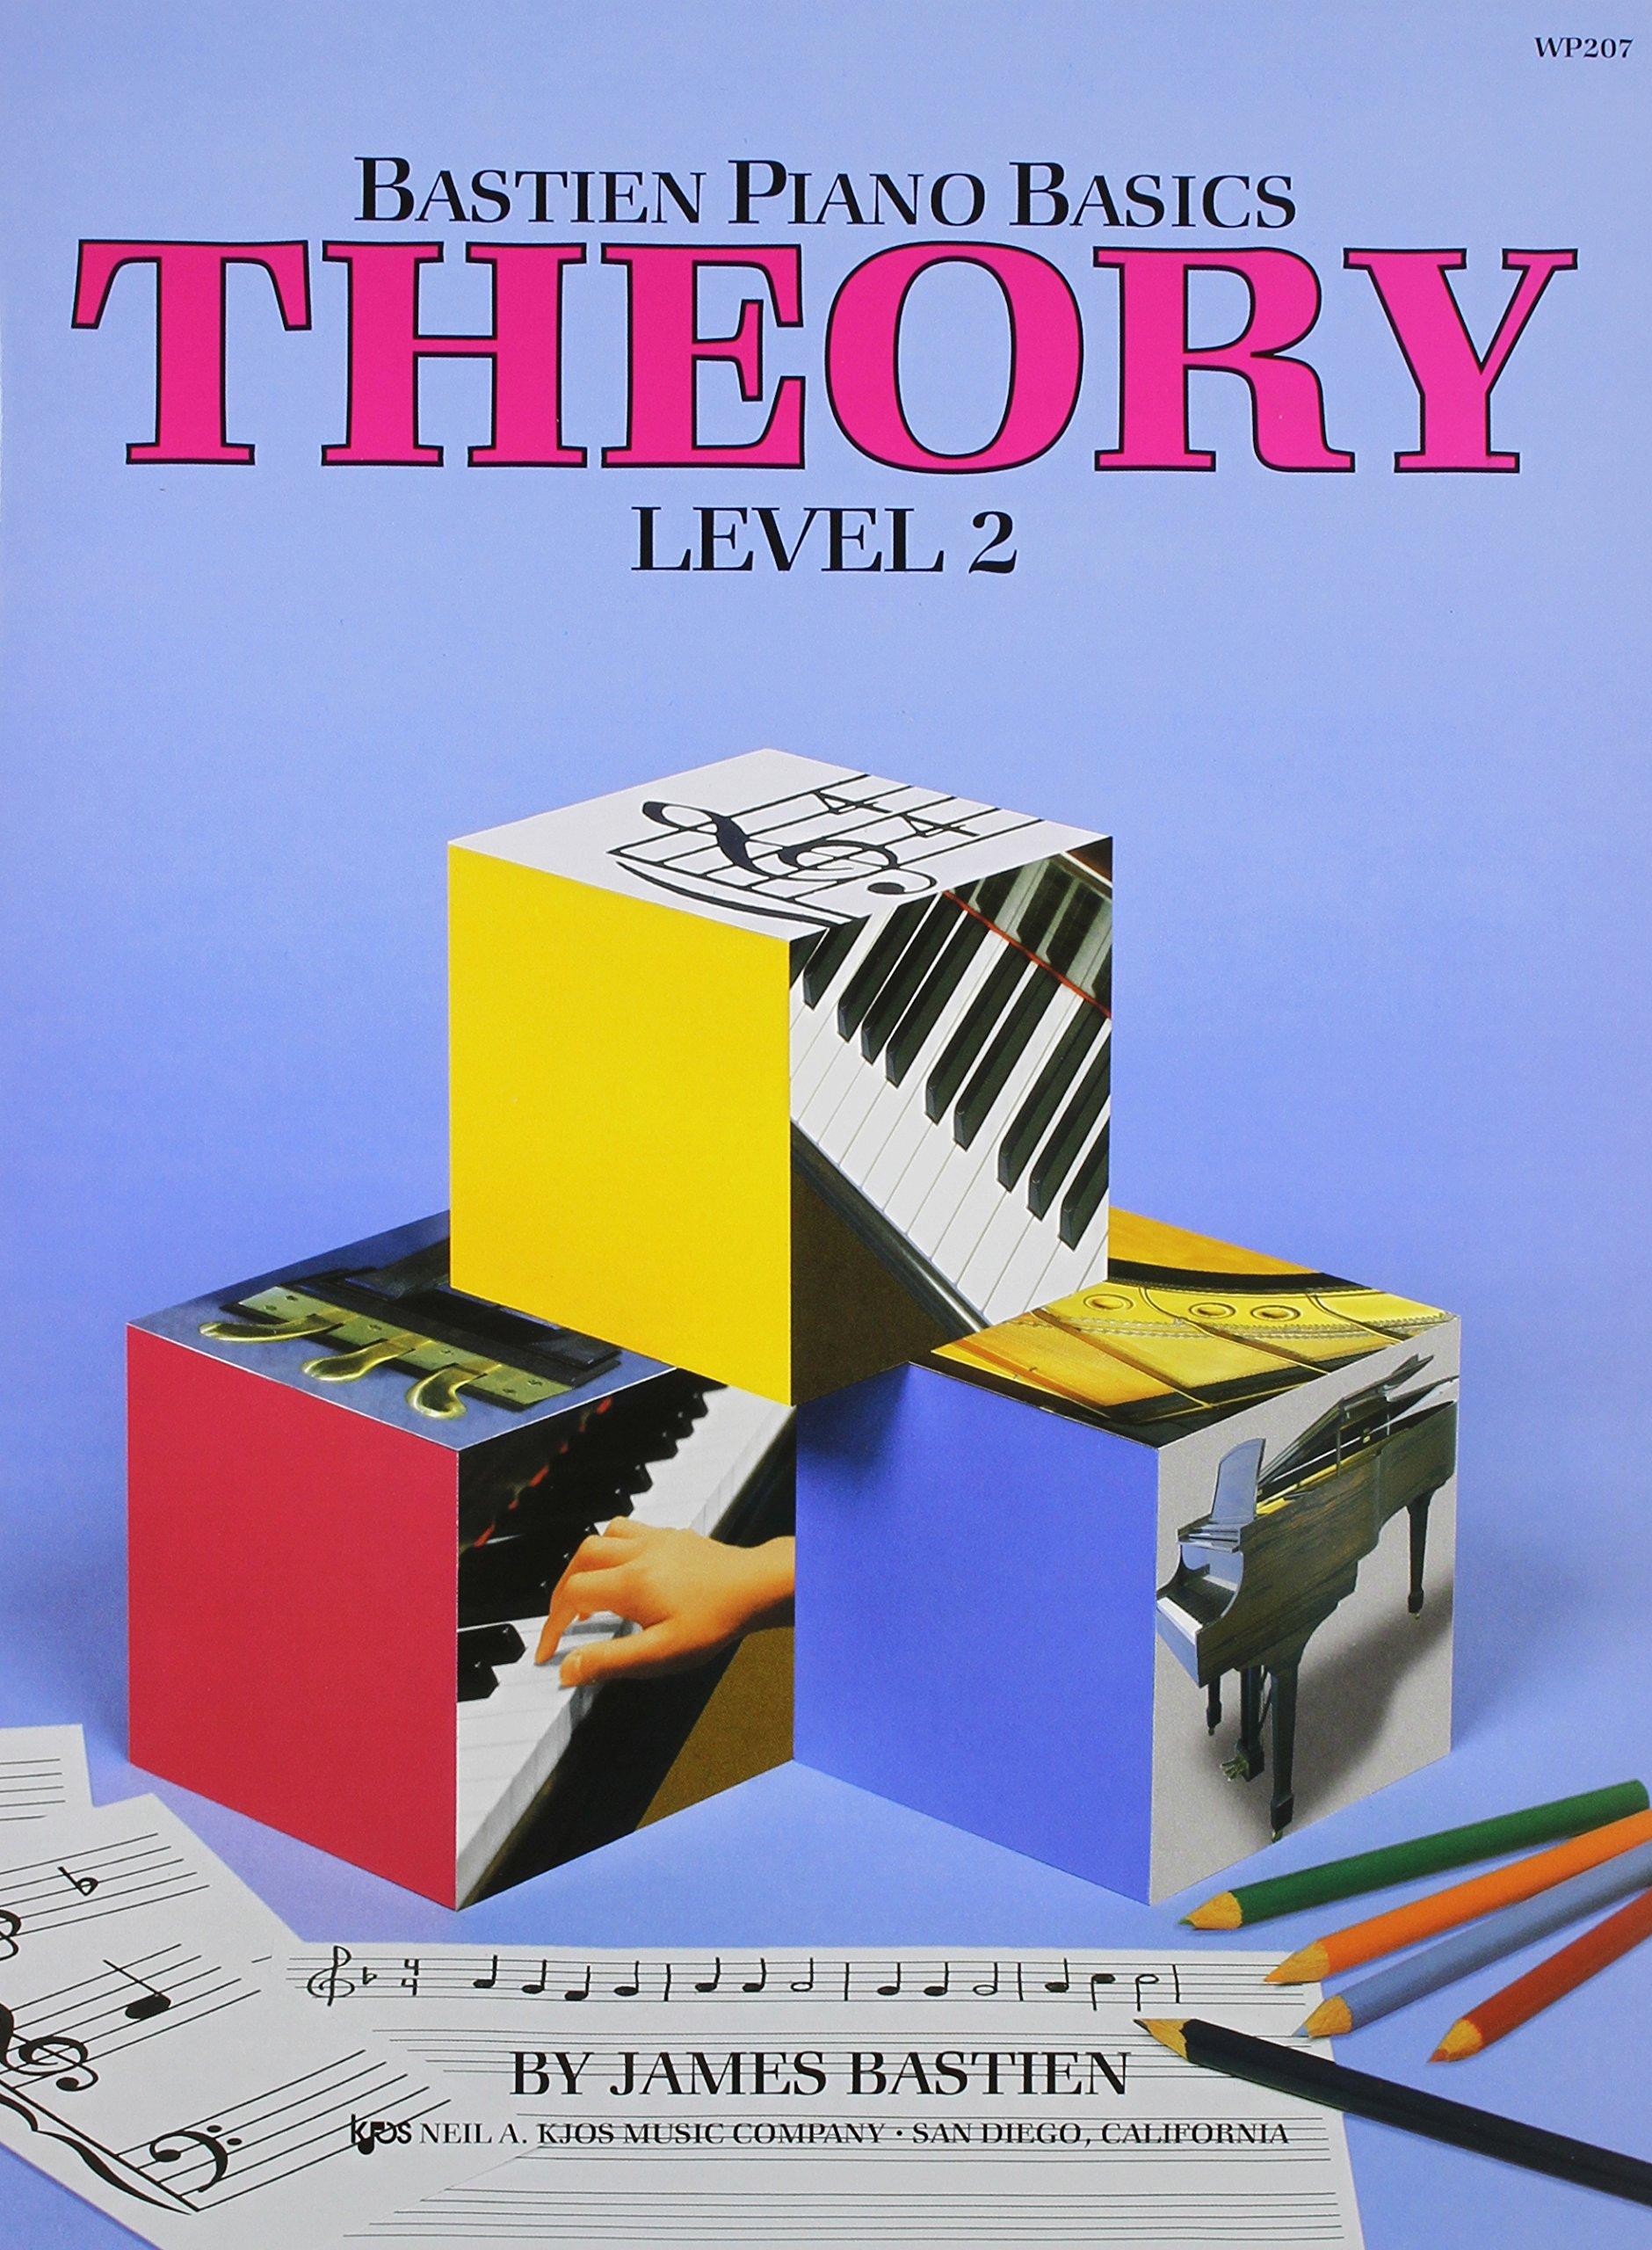 WP207 - Bastien Piano Basics - Theory Level 2